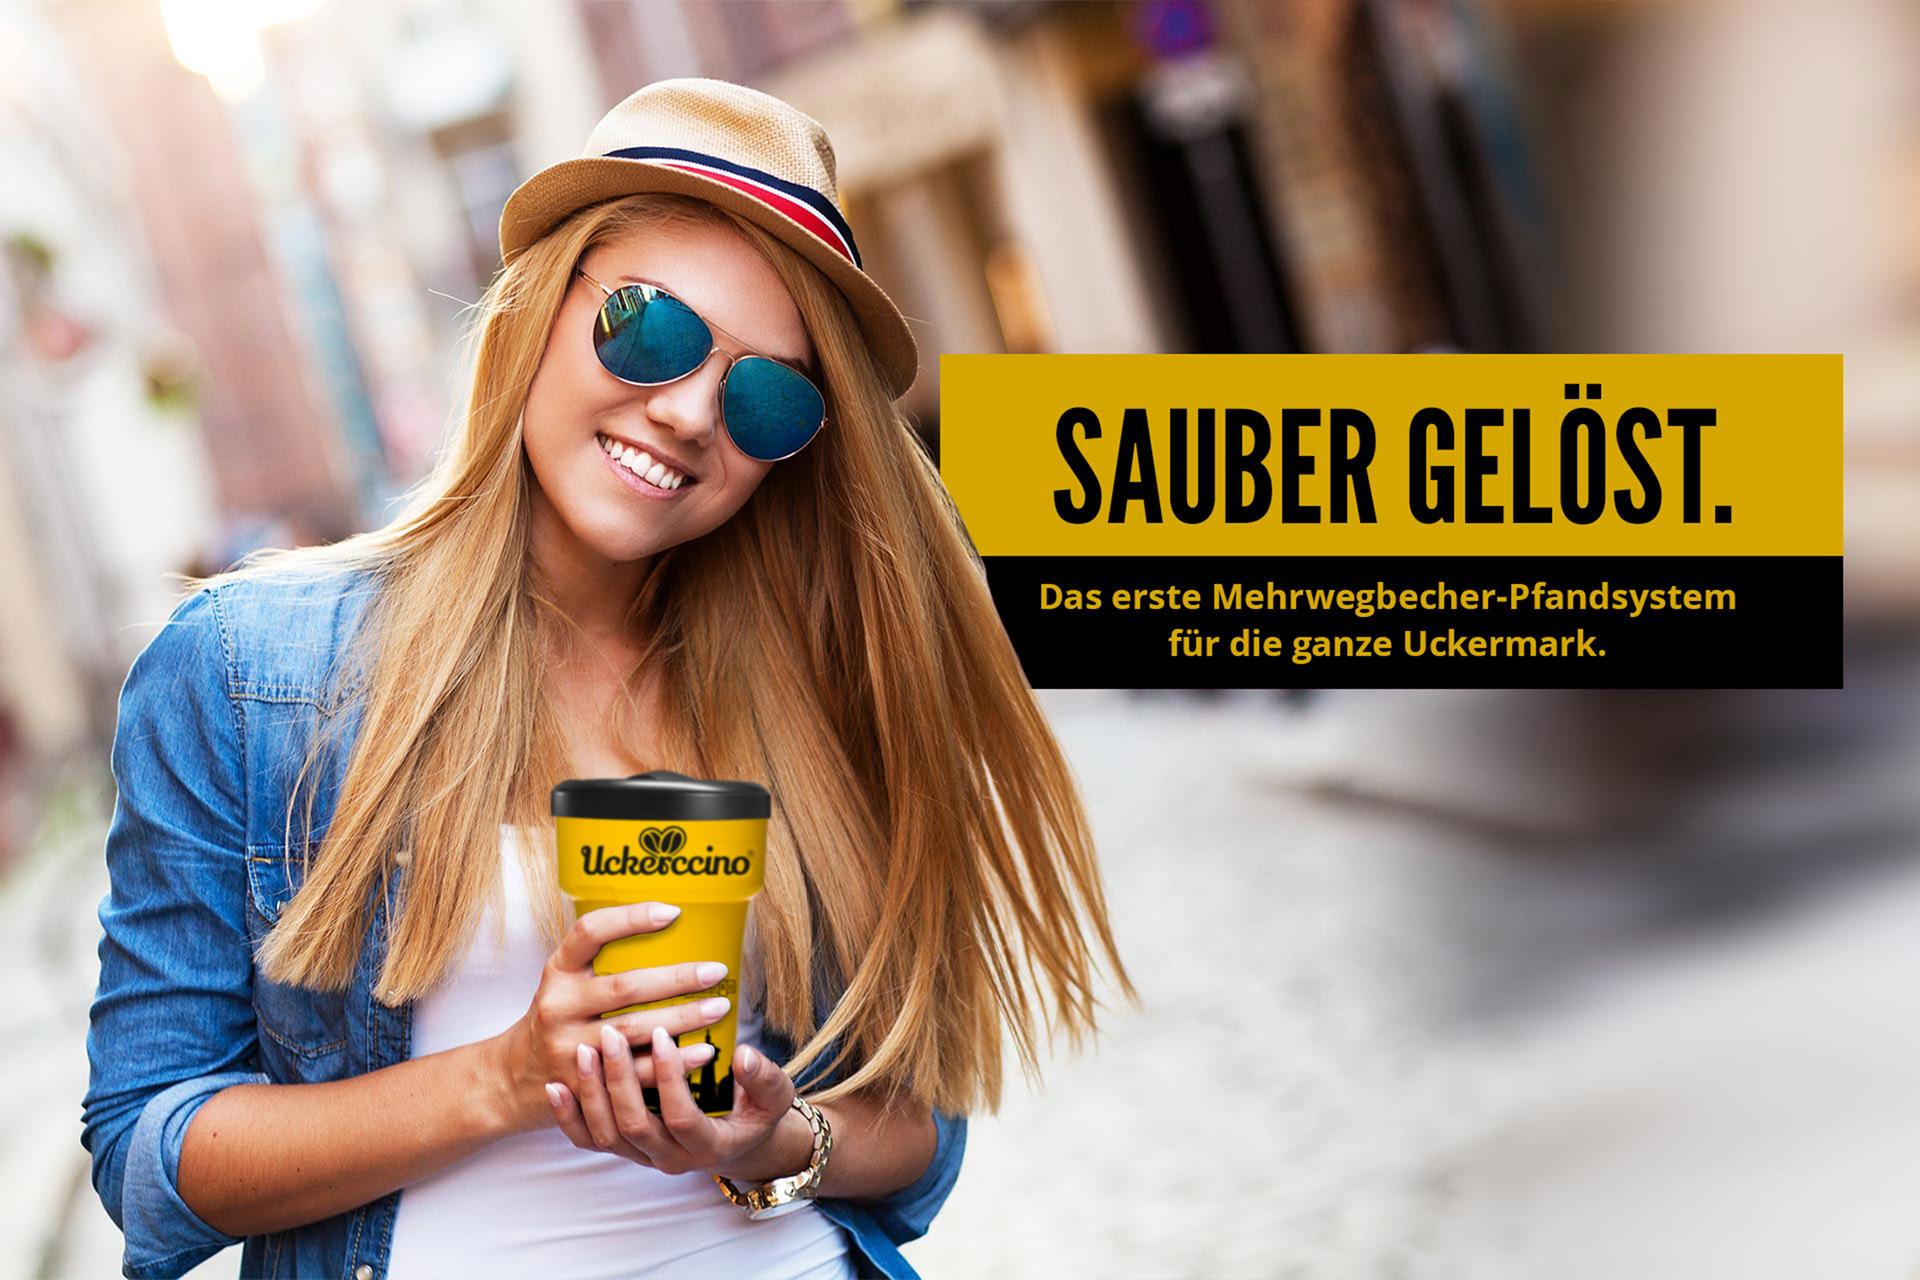 saubere_loesung_uckerccino